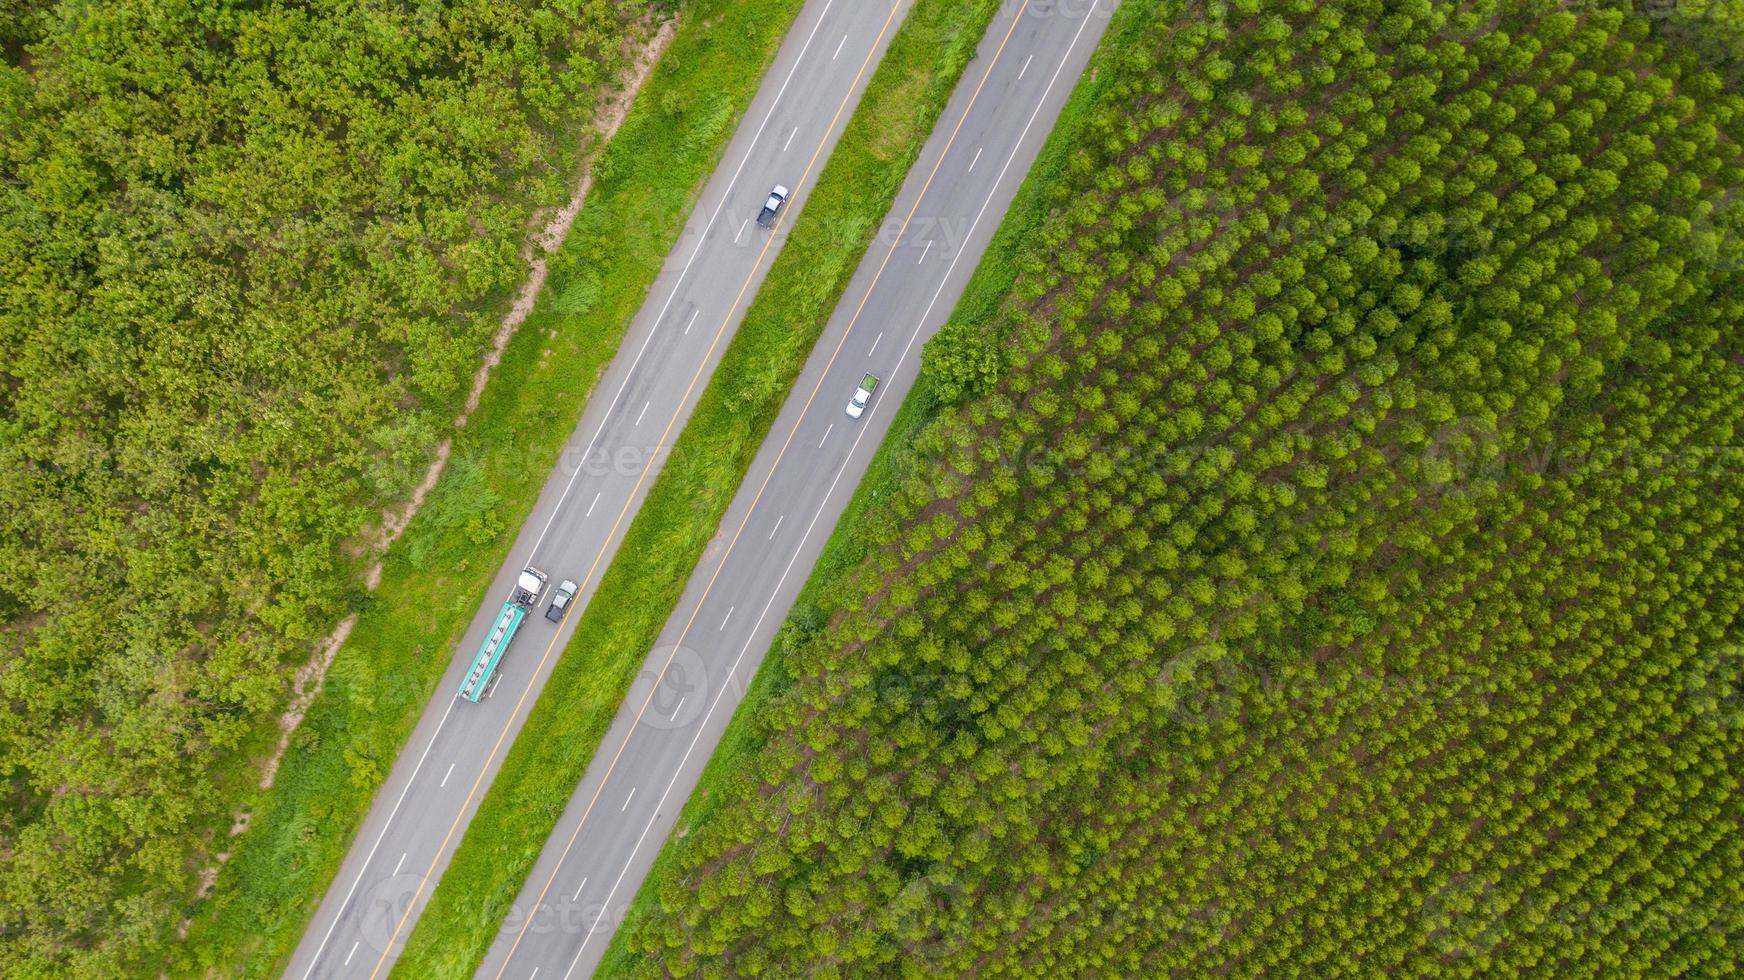 voertuigen op wegen foto